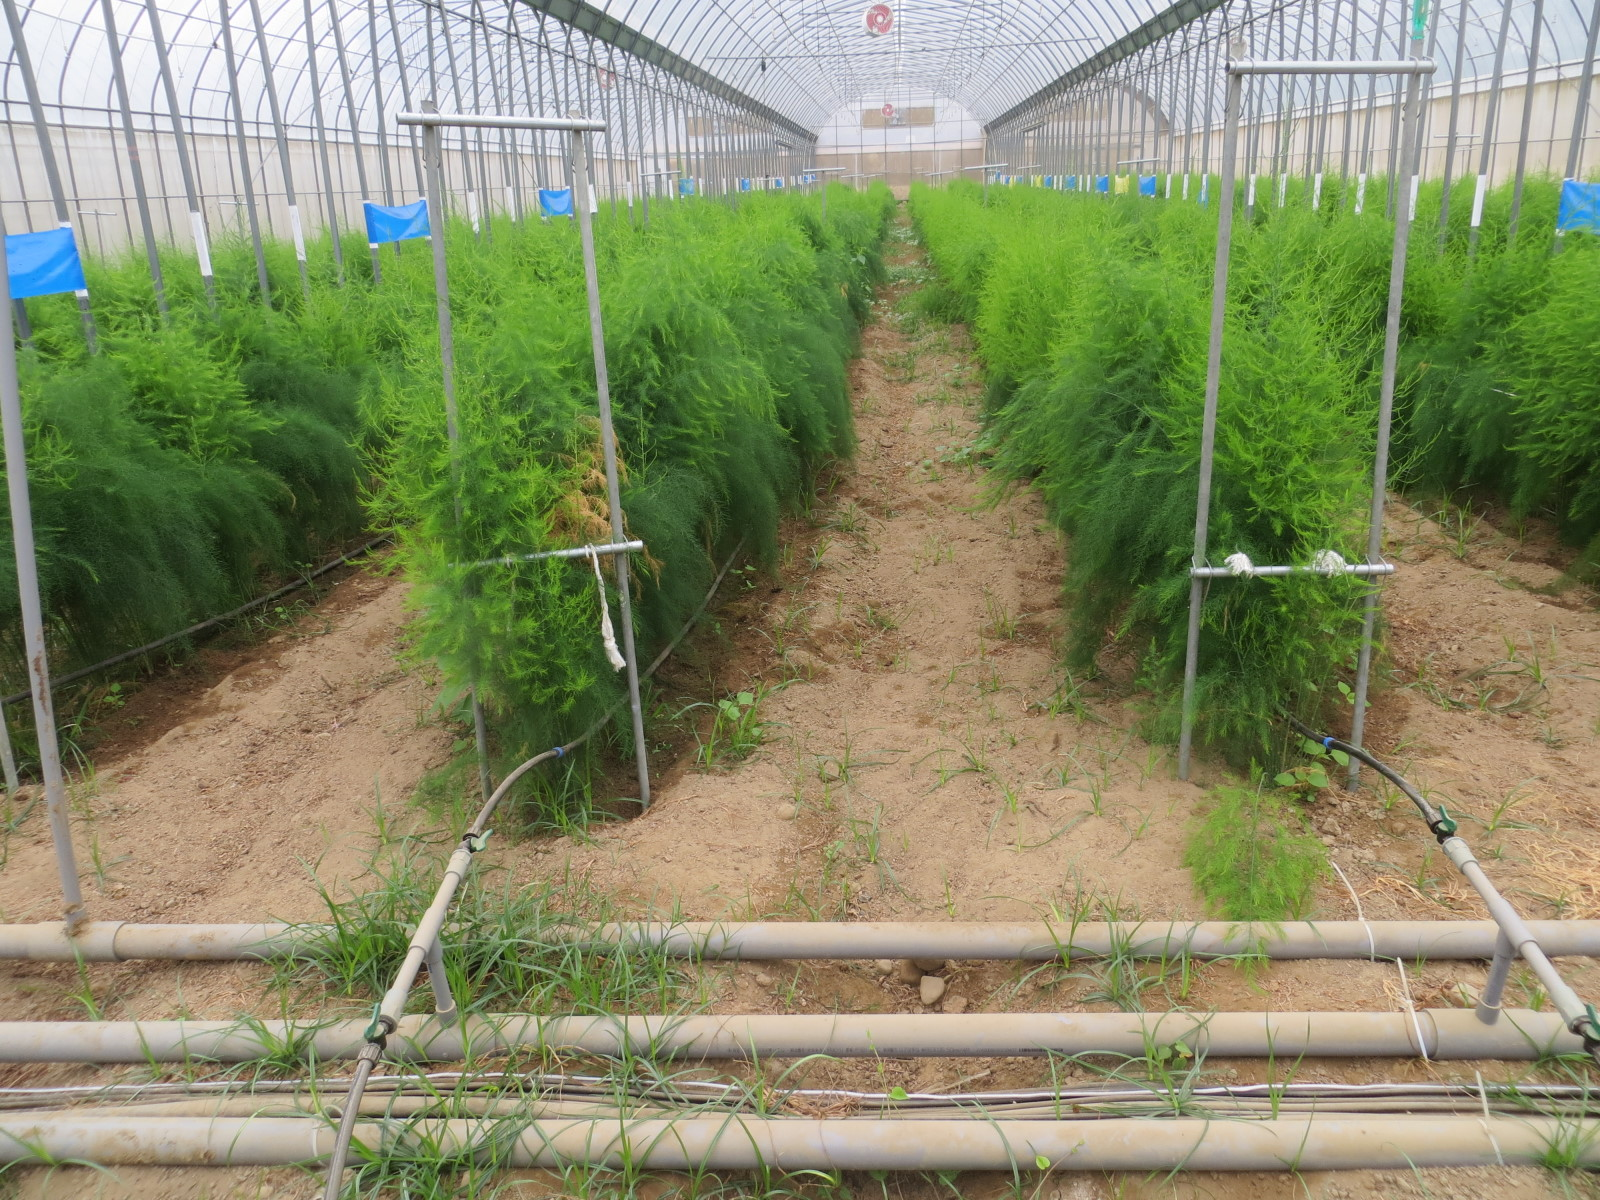 「青松農場」設施蘆筍應用滴灌給水現況